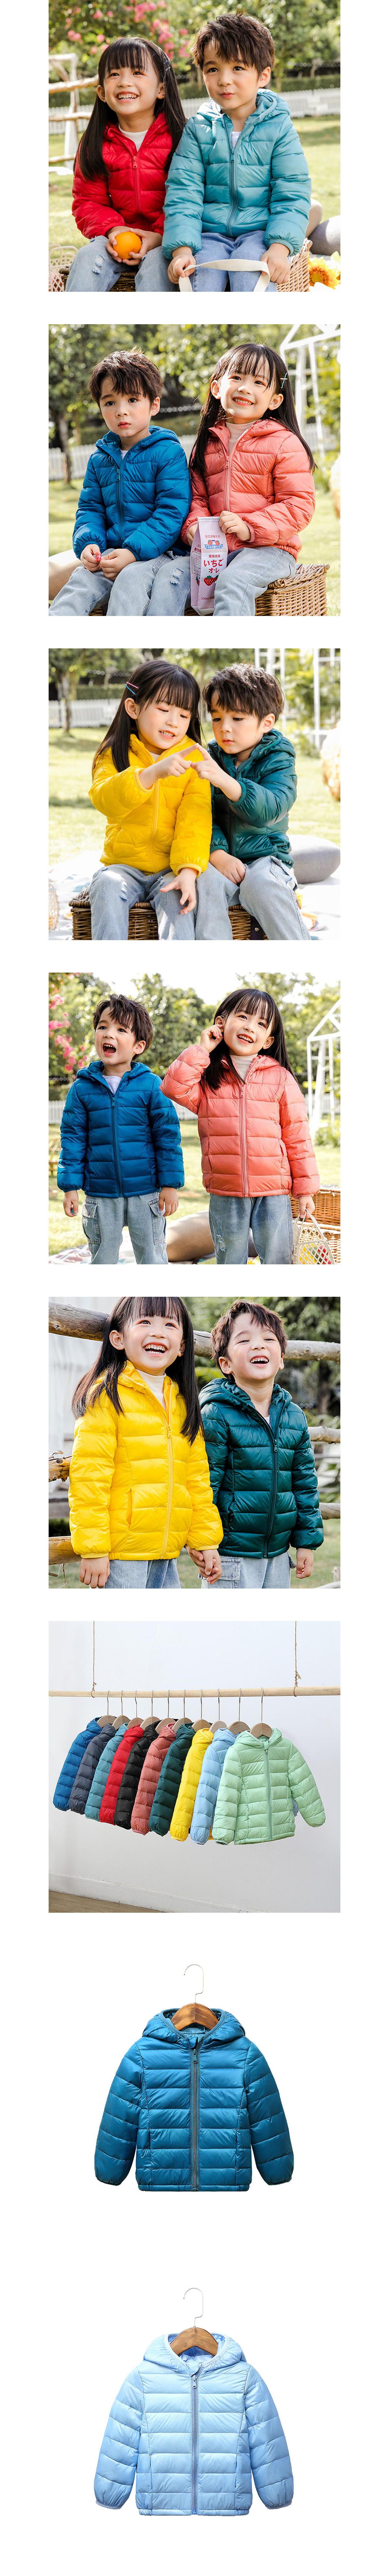 兒童多色保暖內鋪棉連帽外套